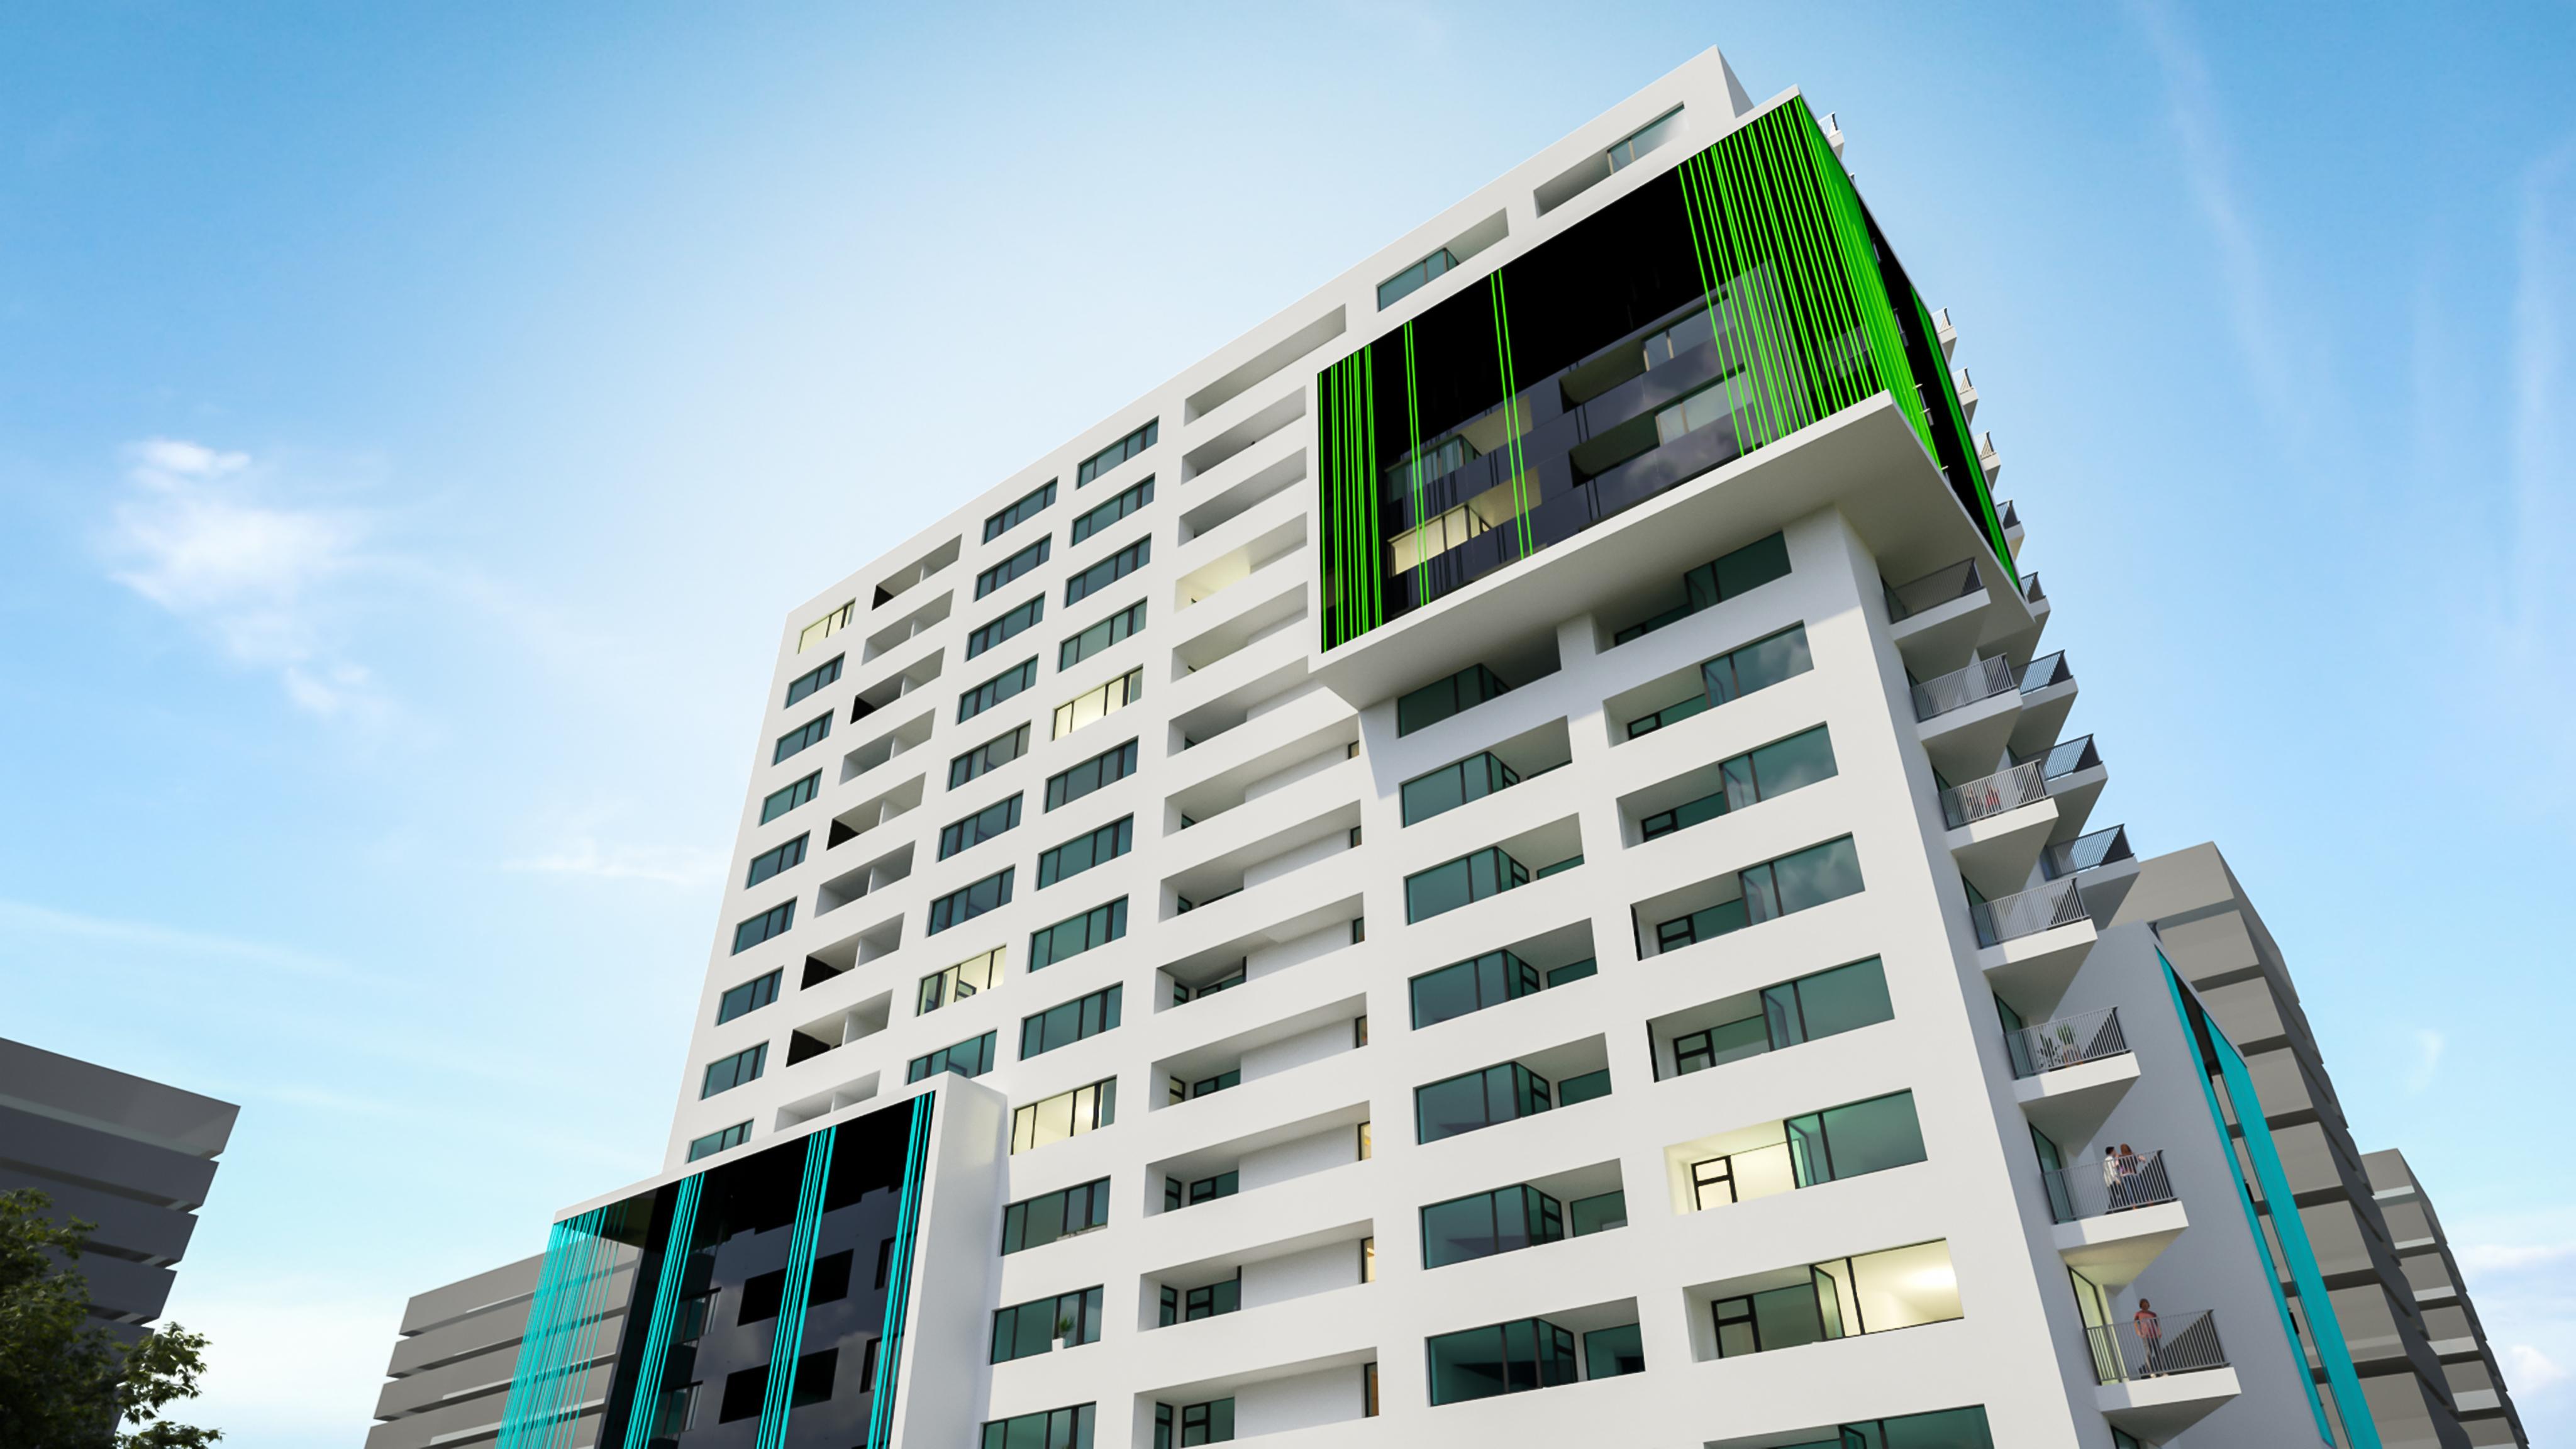 Construcția Tower 2 va fi devansată cu 6 luni